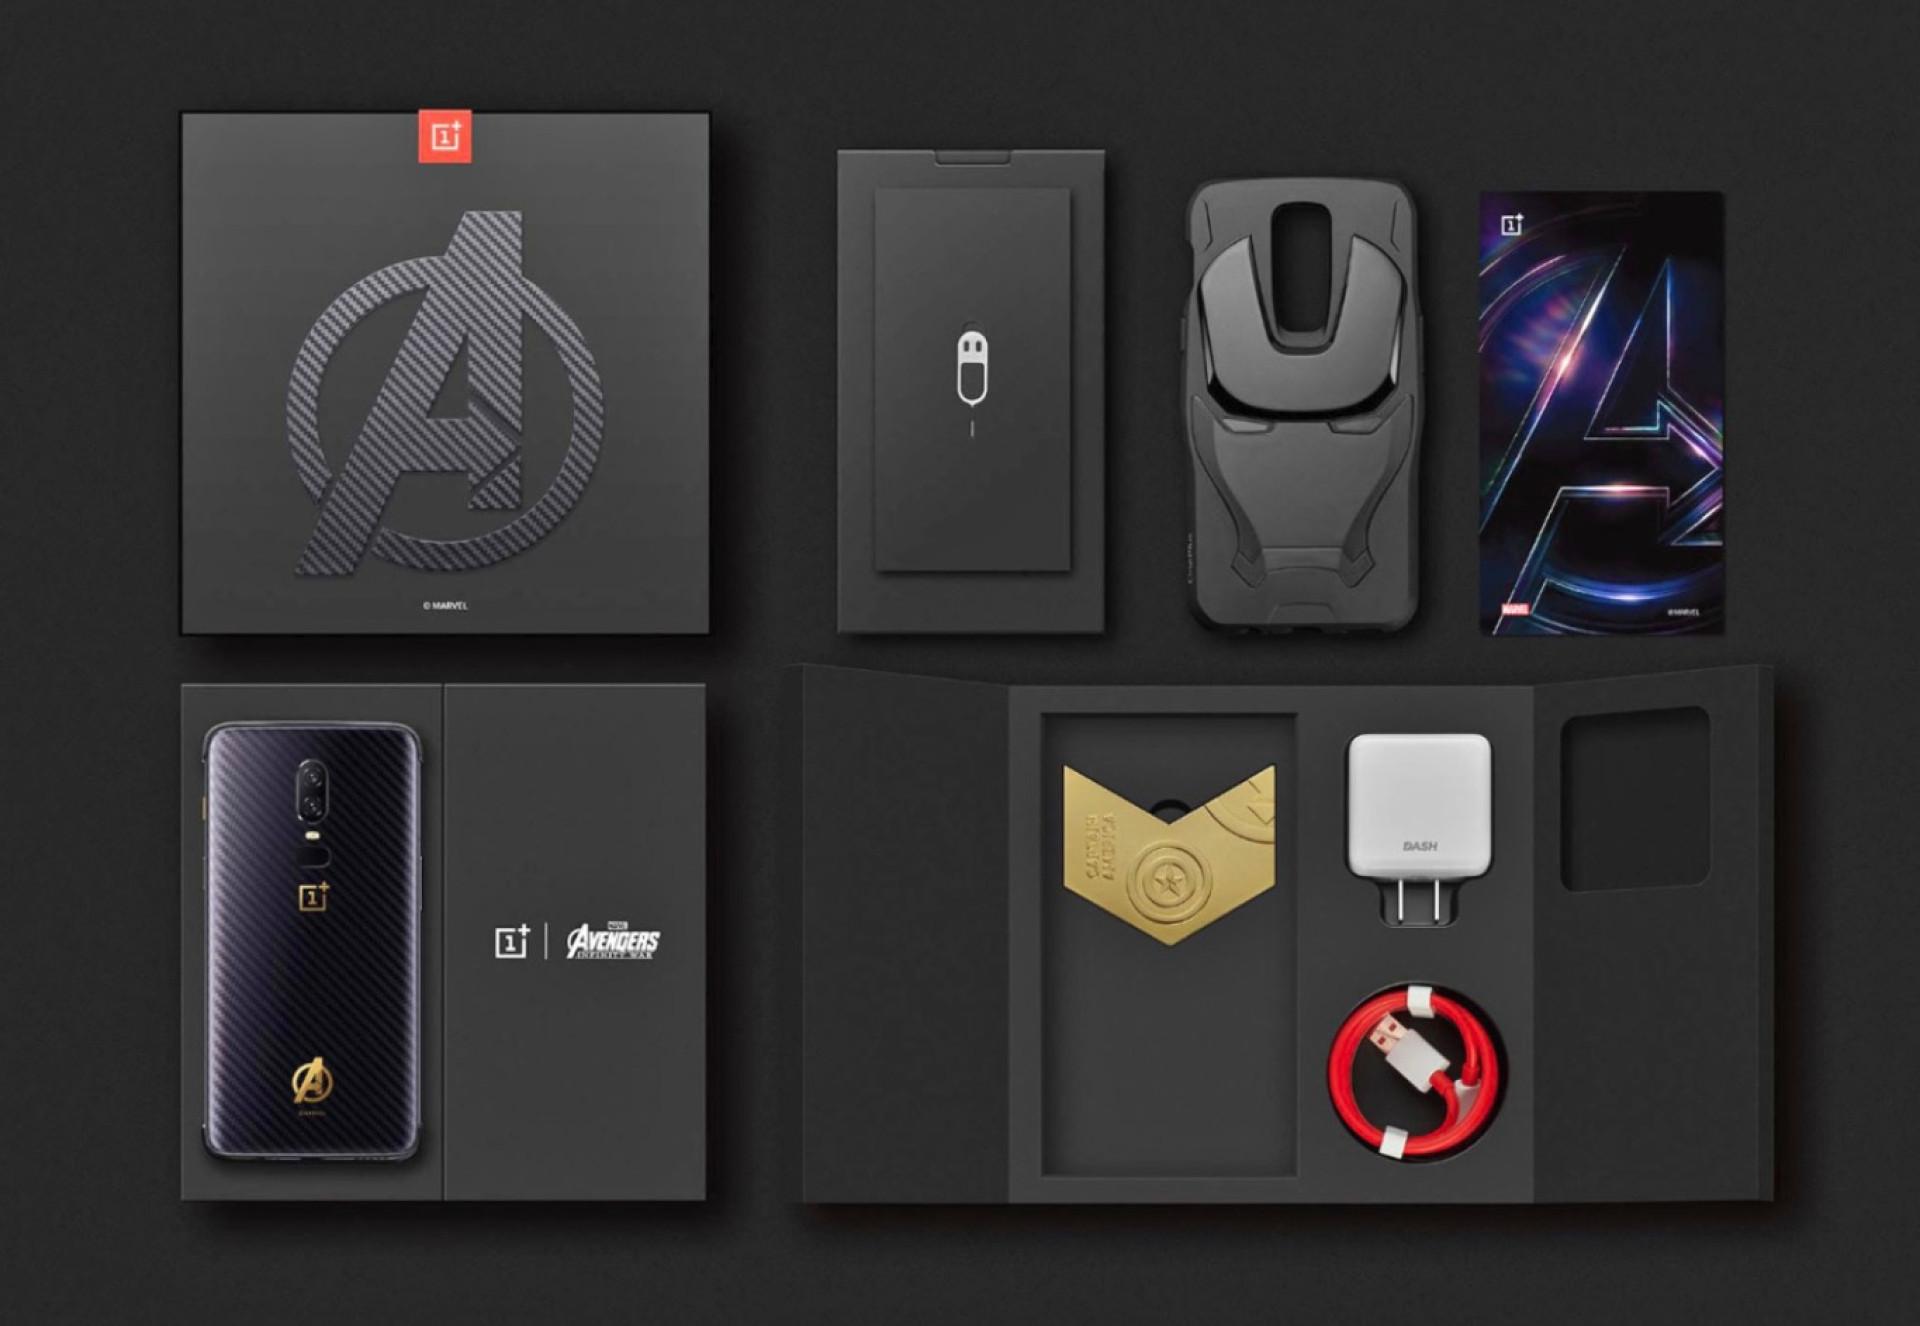 Eis a edição 'Avengers' do OnePlus 6